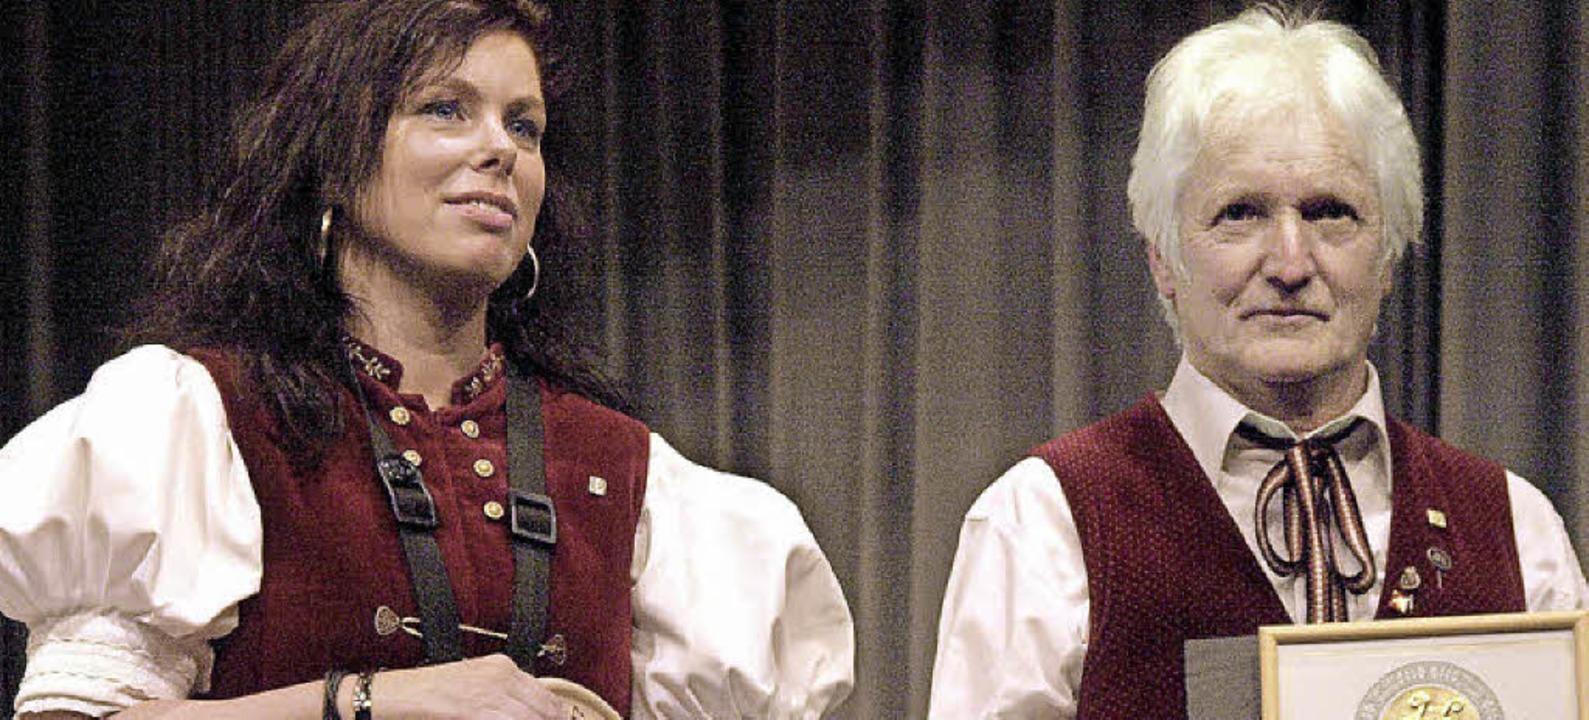 Beim Jahreskonzert des Musikvereins Ur...für 50 Jahre aktives Musizieren geehrt  | Foto: Karin Stöckl-Steinebrunner